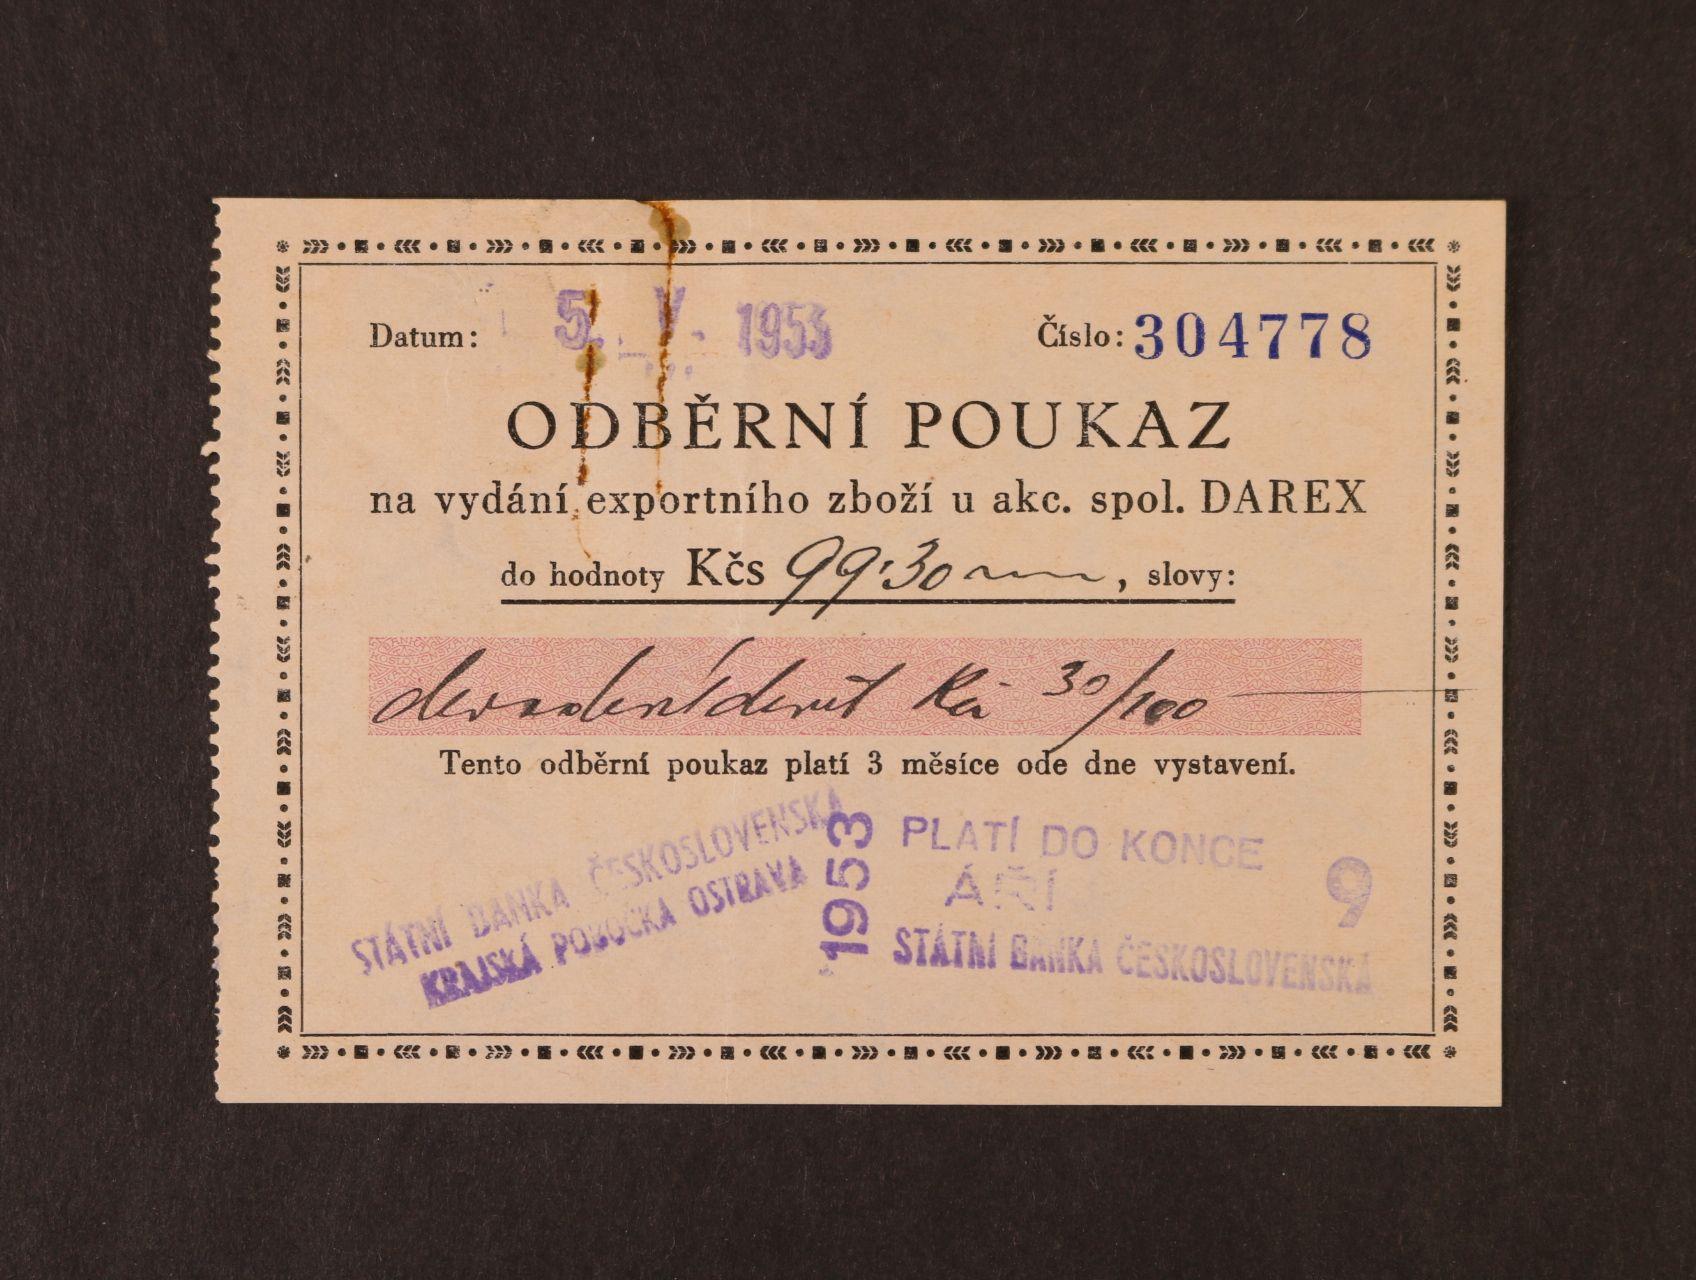 Darex, odběrní poukaz na 99,30 Kčs 5.V.1953 s raz. platí do konce září 1953 a SBČ pobočka Ostrava, zoubkovaný levý okraj, velmi dobrá kvalita